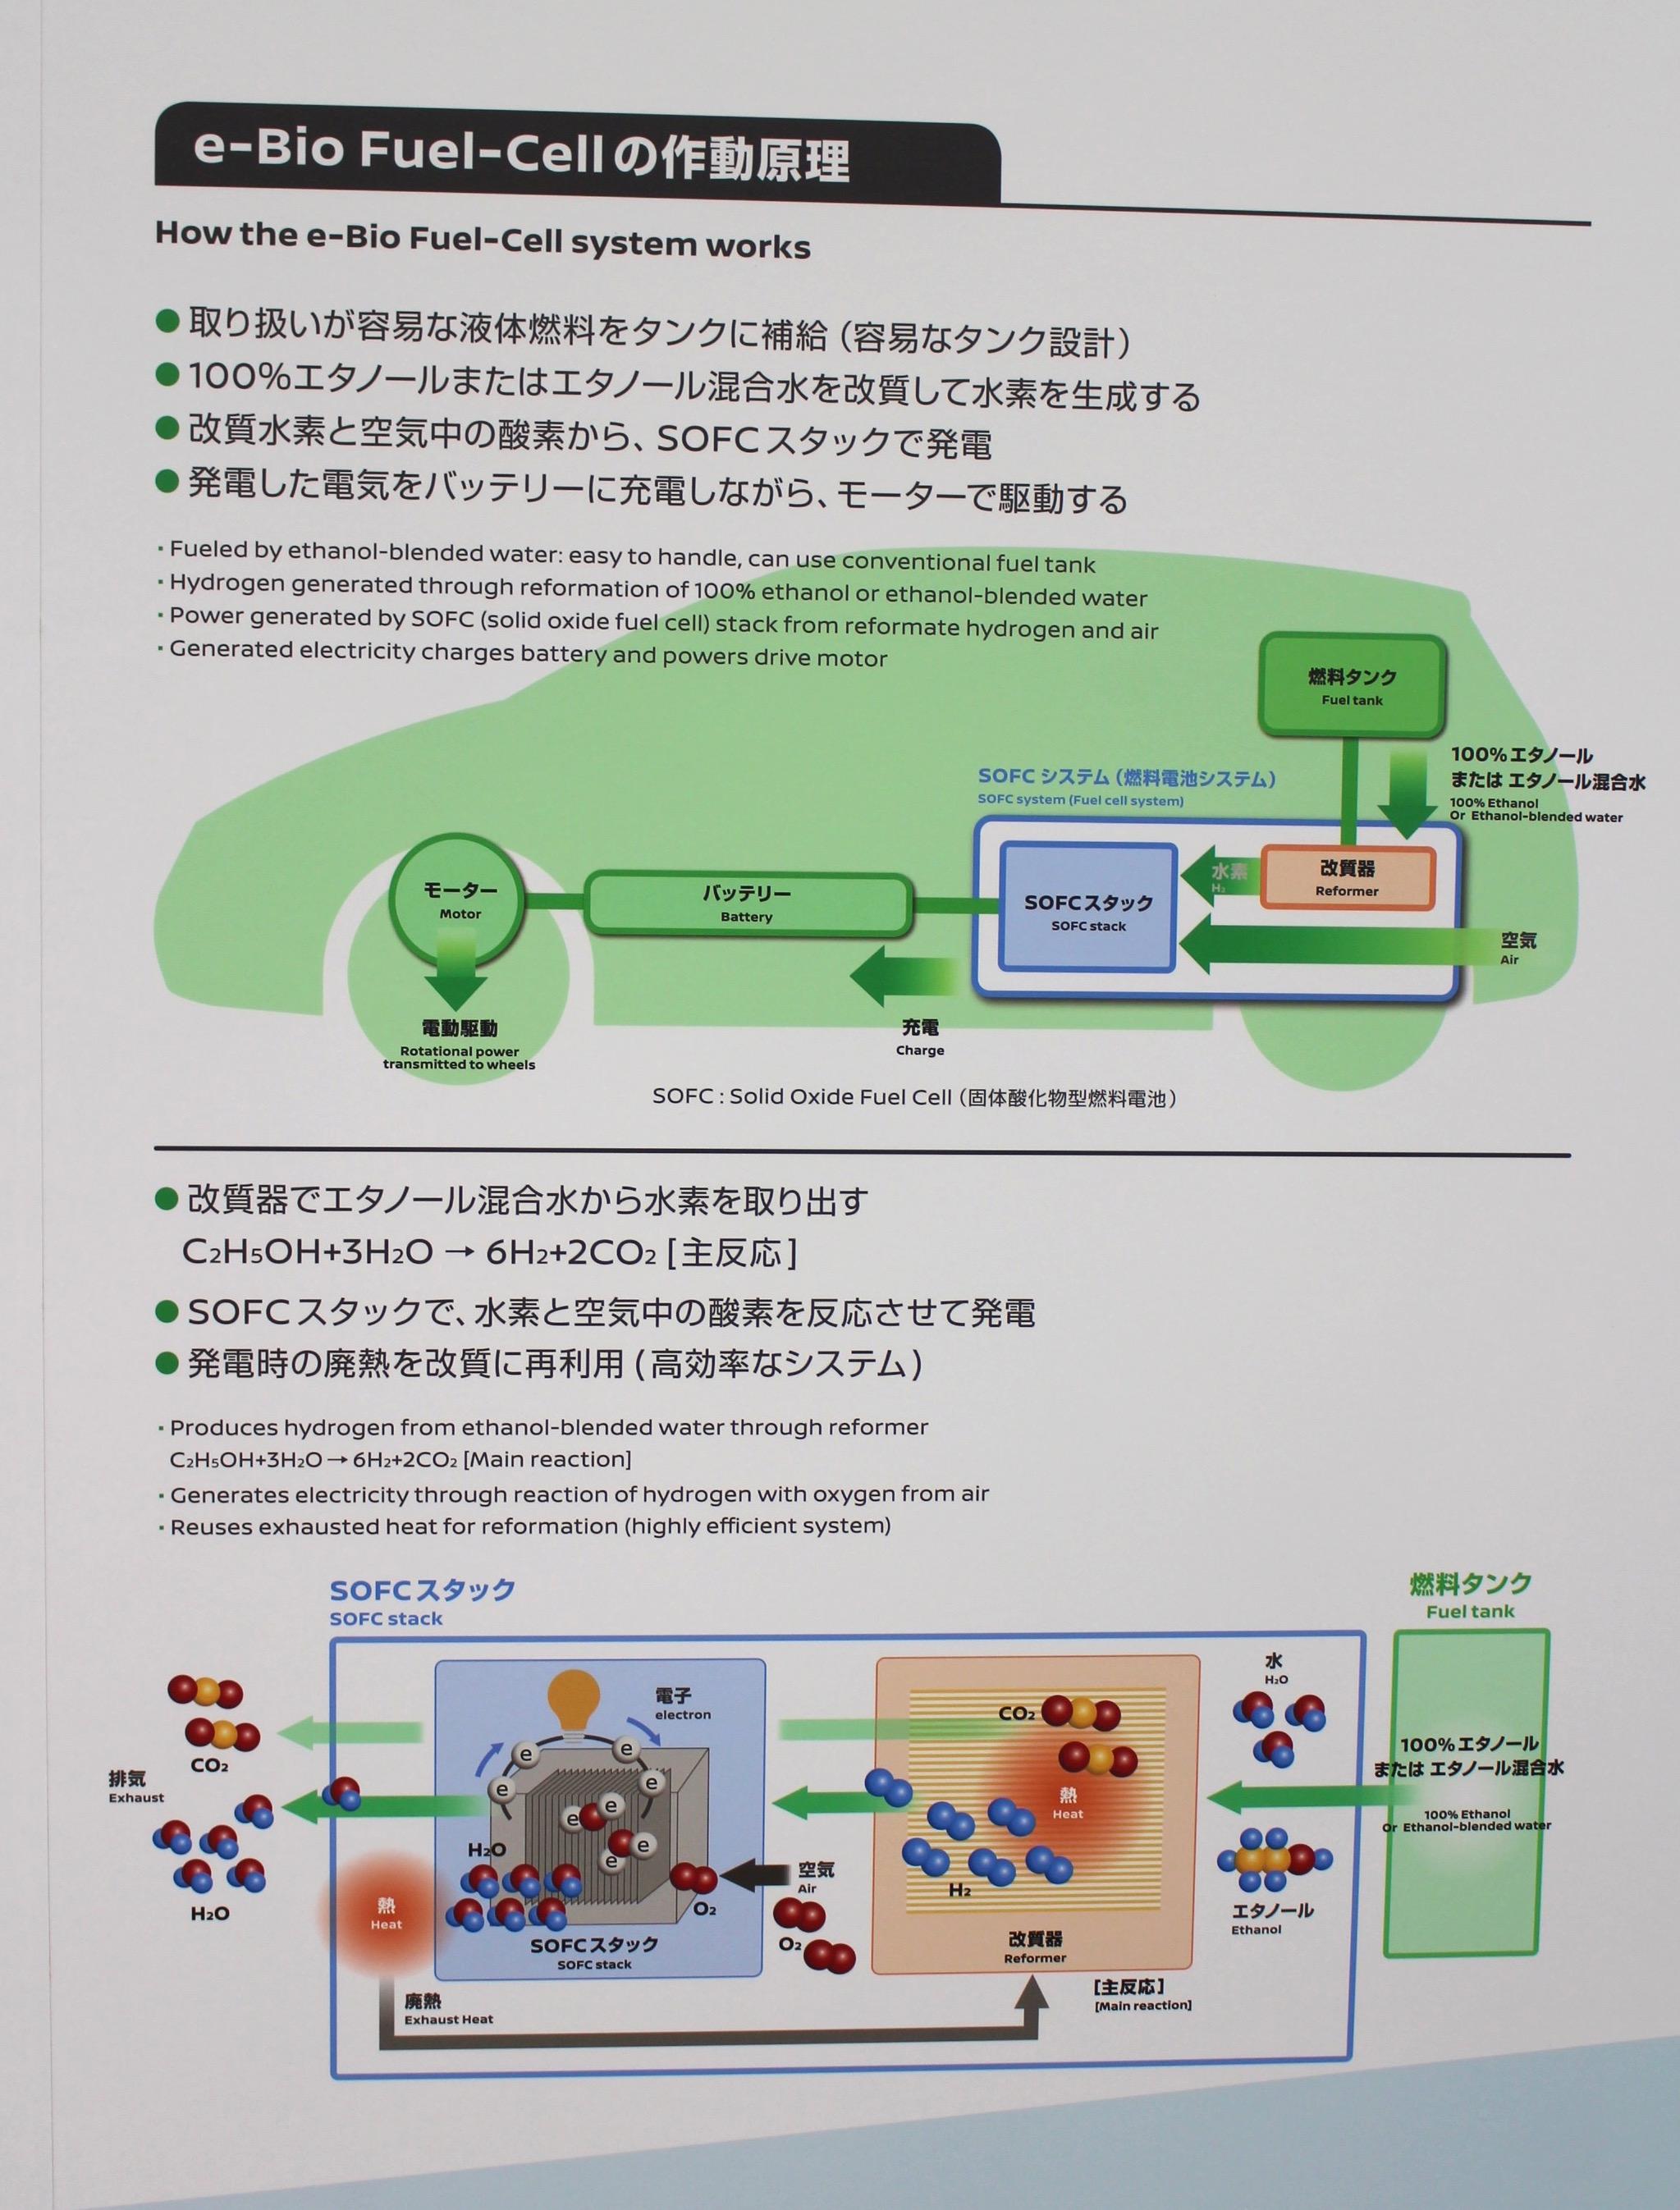 「2020年にも実用化!? バイオエタノール燃料使用の「e-Bio Fuel-Cell」技術」の4枚目の画像